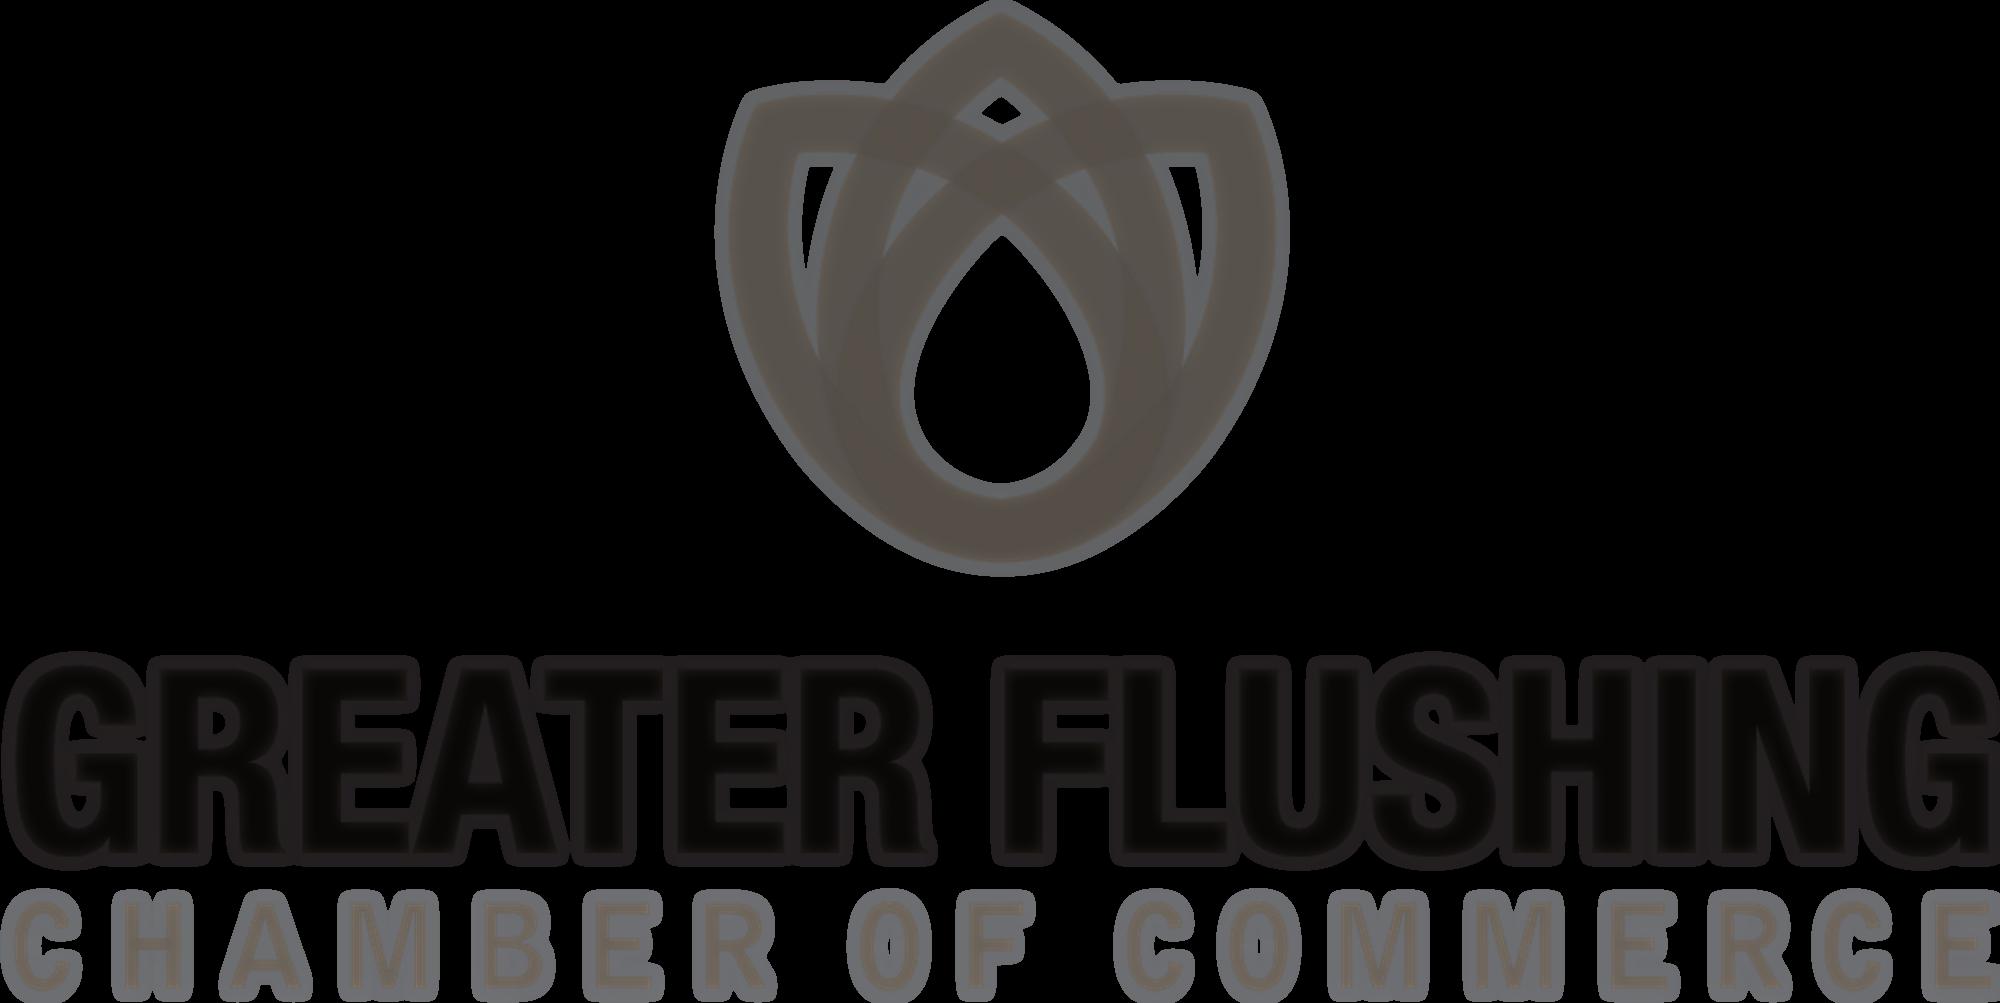 Gtr. Flushing Chamber of Commerce